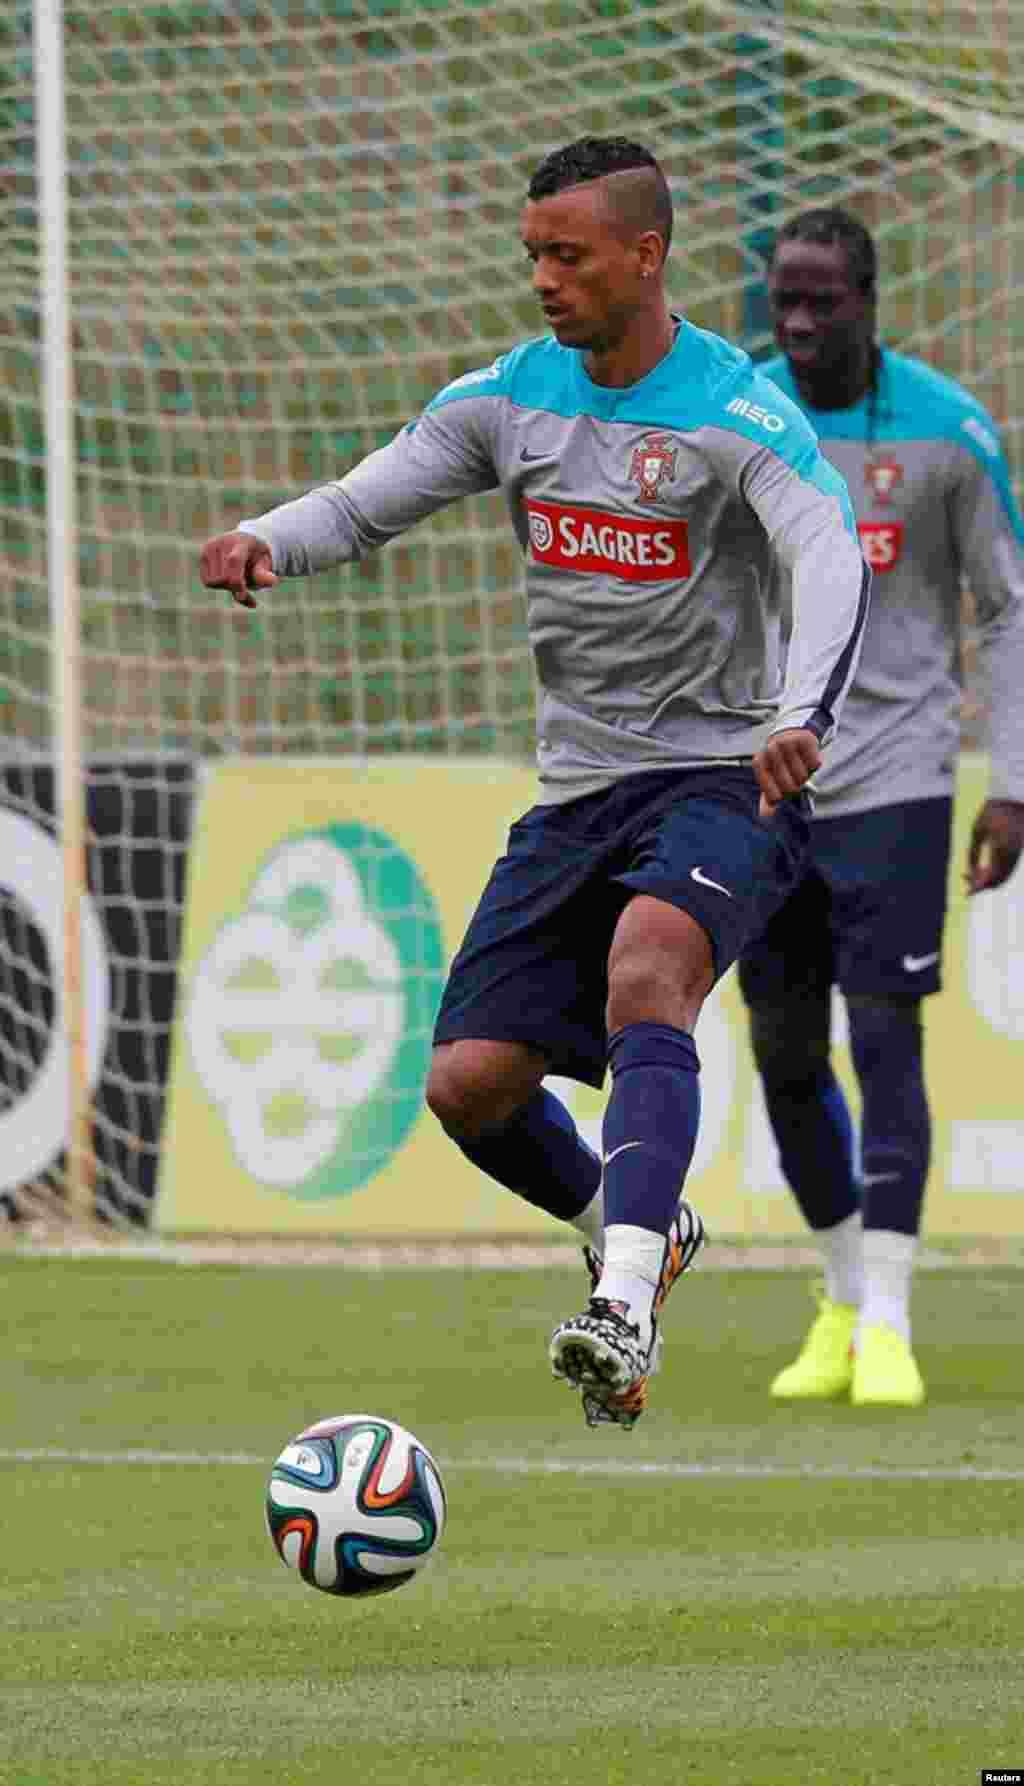 O jogador português, Nani, dribla a bola num treino em Óbidos, Maio 30, 2014, na preparação para o Mundial de Futebol que se realiza em 12 cidades do Brasil de 12 de Junho a 13 de Julho.